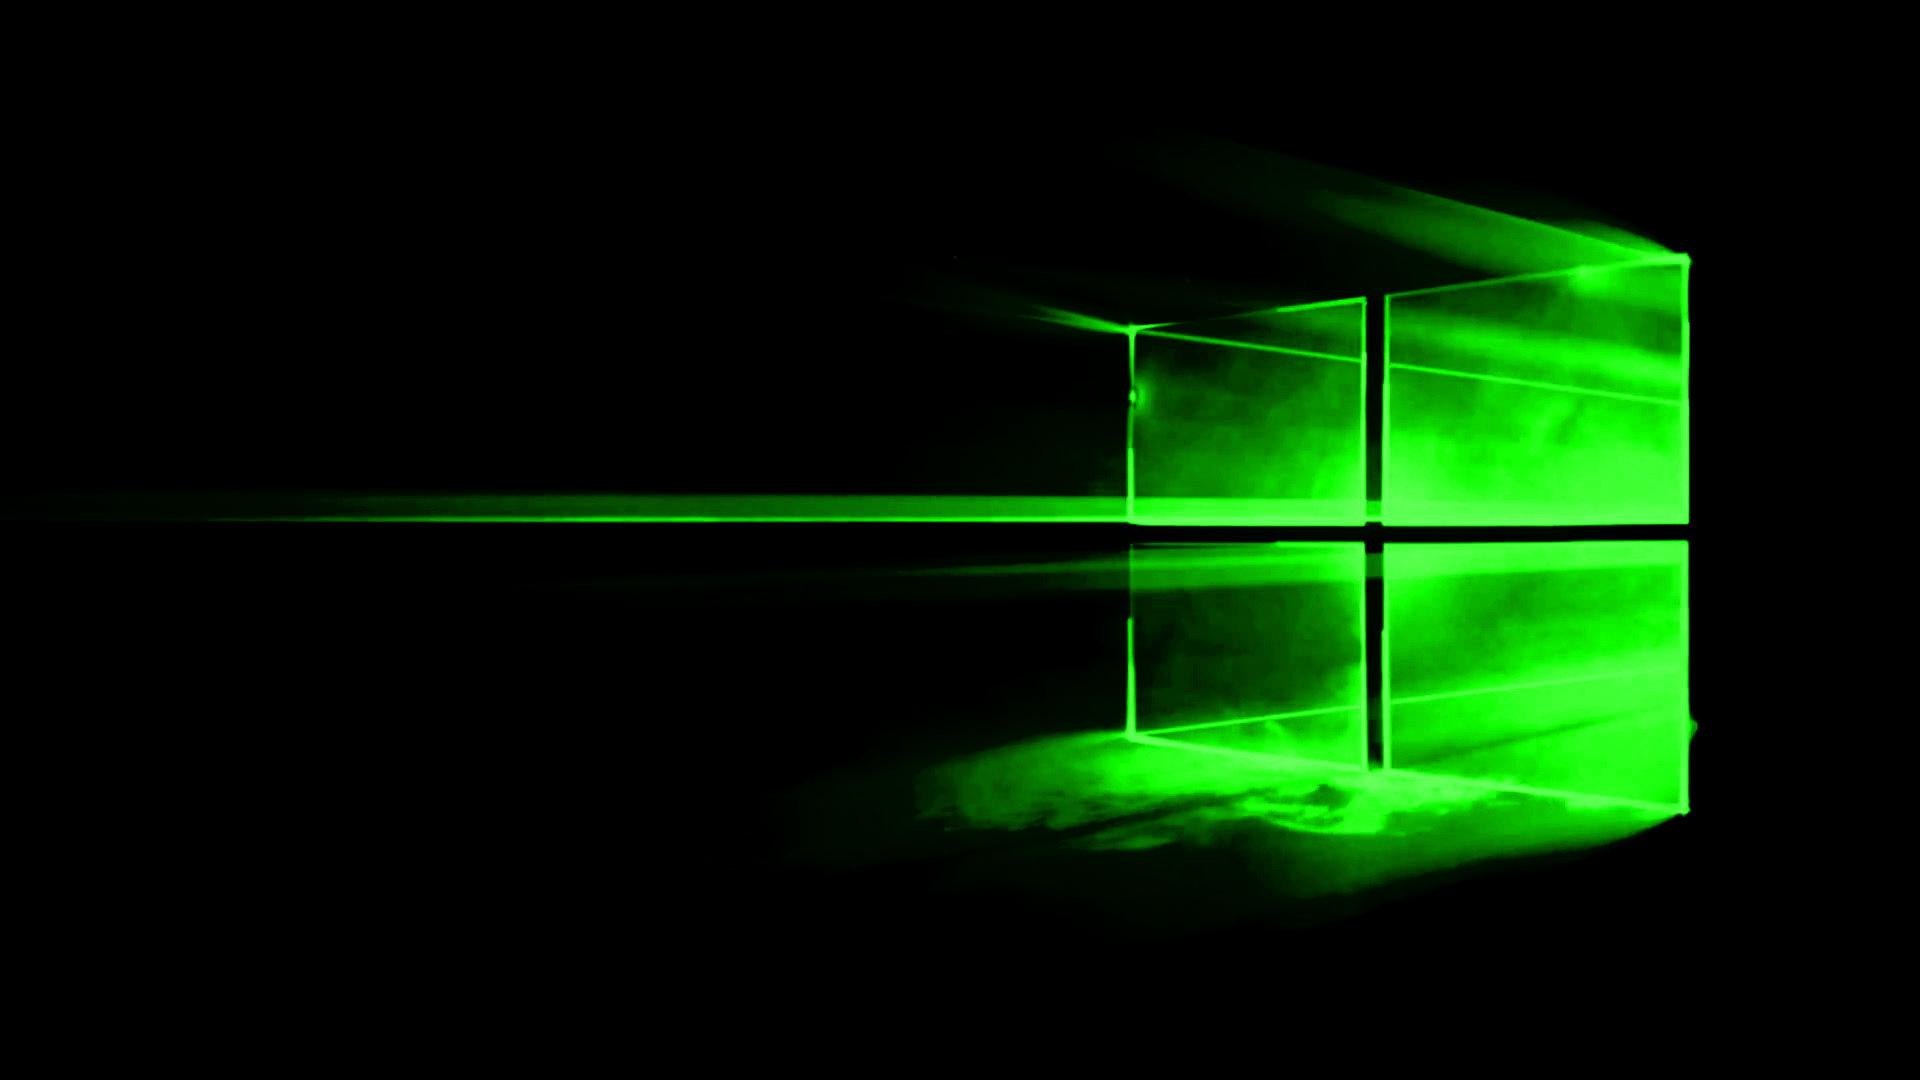 Green windows 10 wallpaper – Imgur